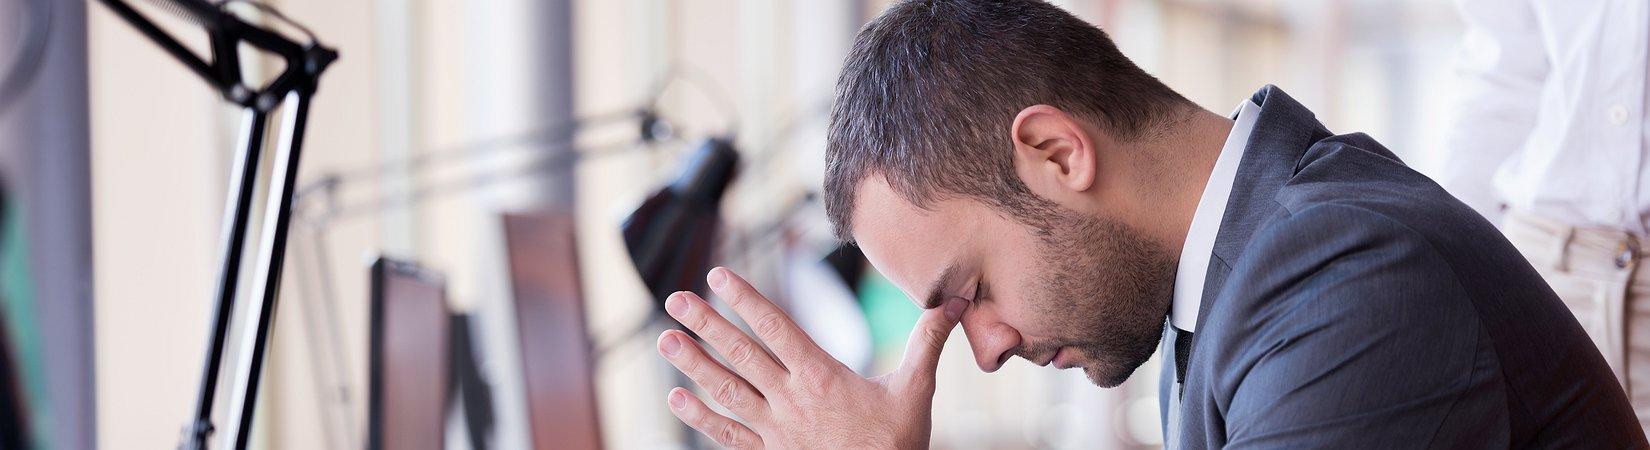 7 segnali che indicano che soffri di stress da lavoro